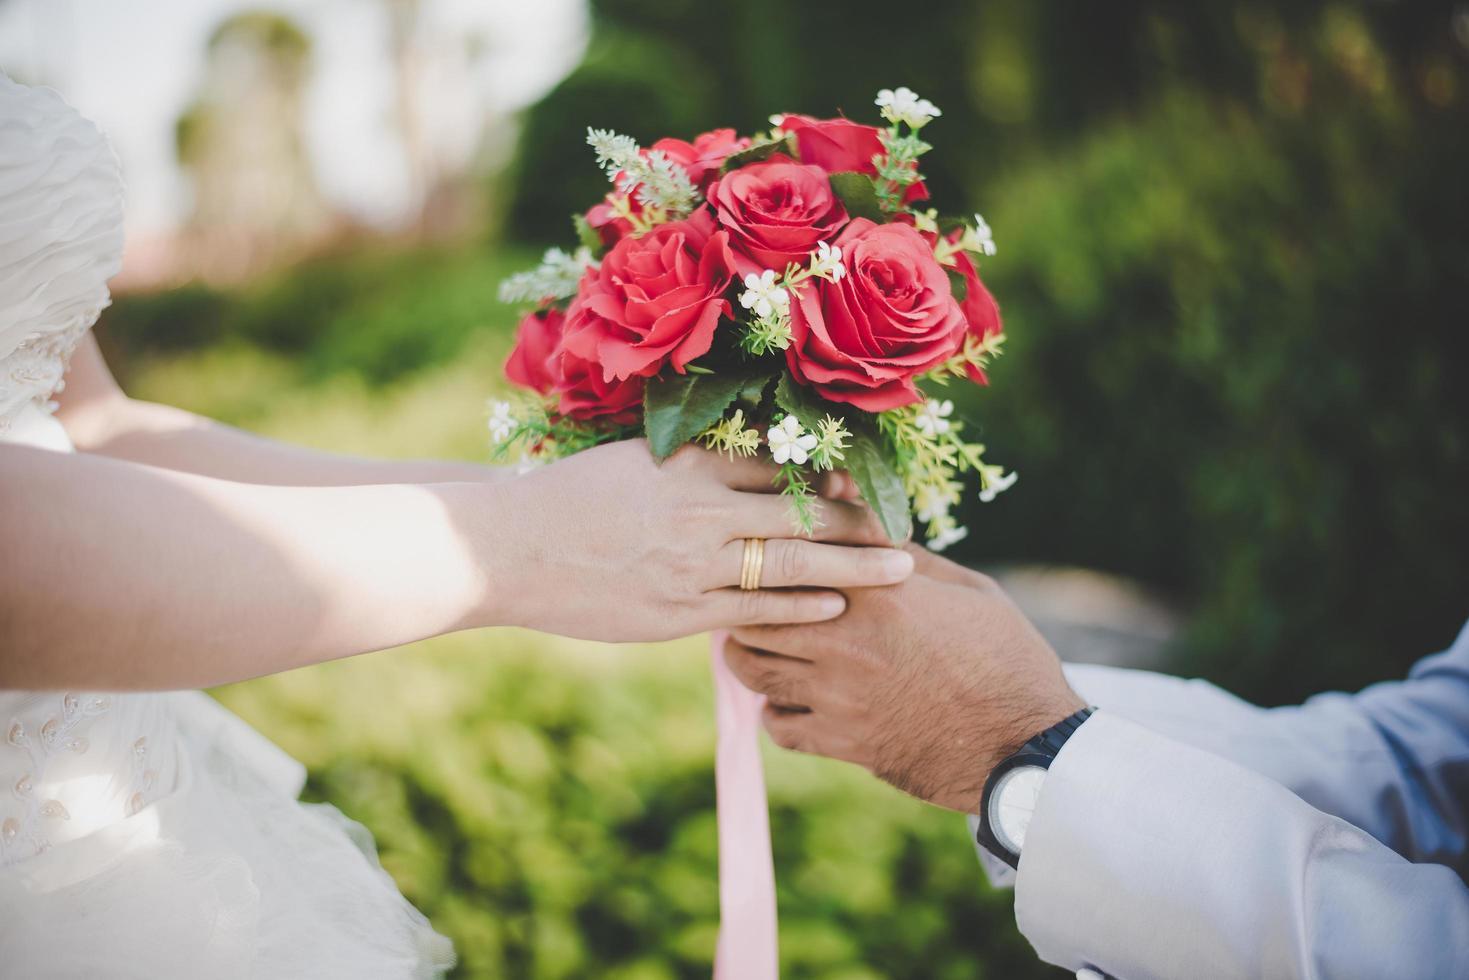 El novio le da un ramo a la novia con fondo de naturaleza. foto